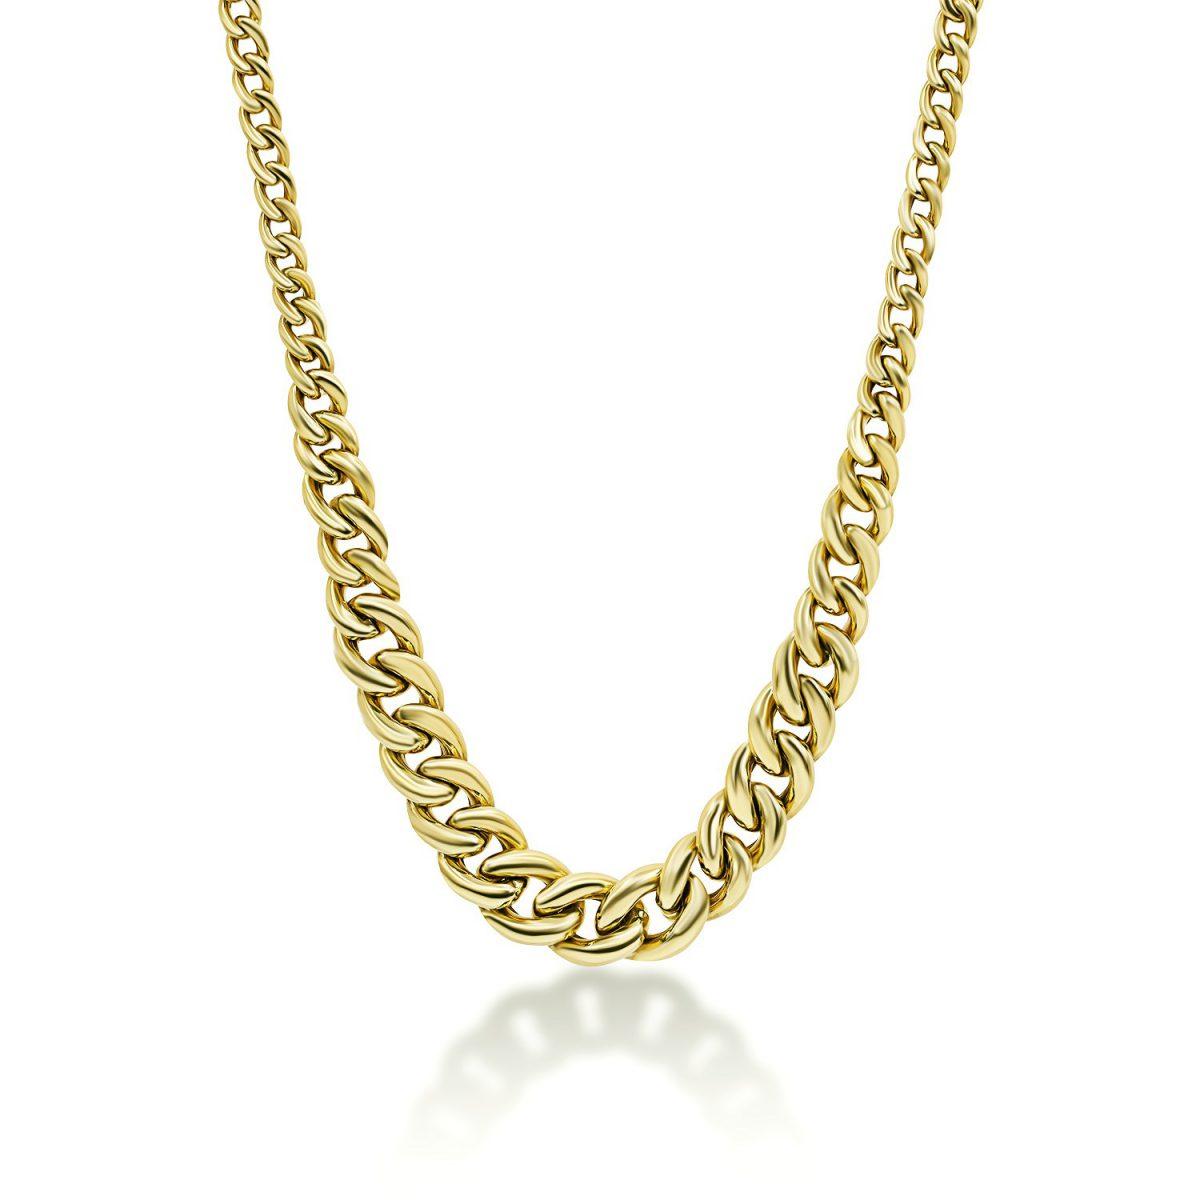 שרשרת זהב דורין - זהב צהוב